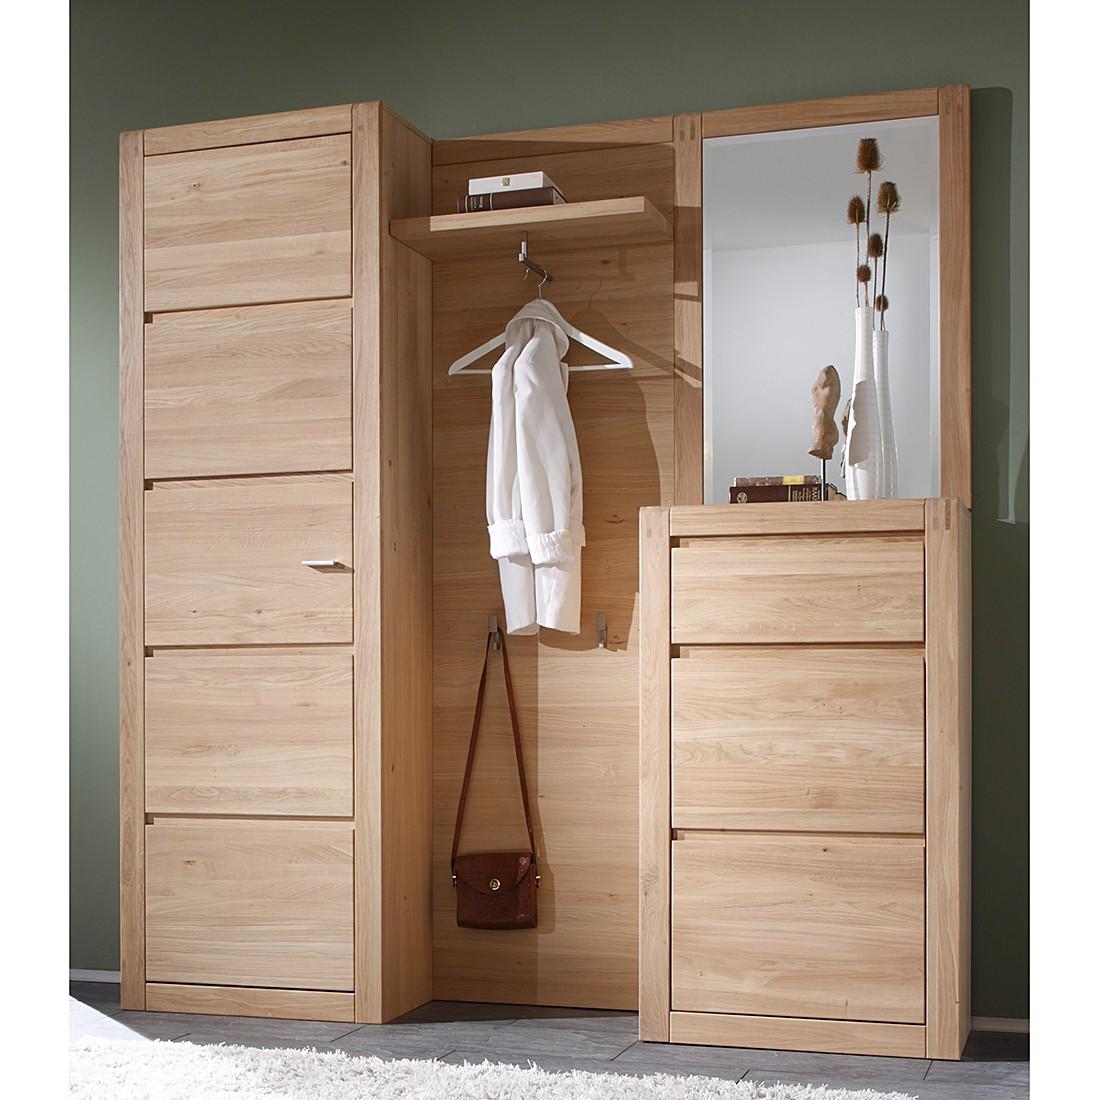 garderobe set eiche g nstig kaufen. Black Bedroom Furniture Sets. Home Design Ideas